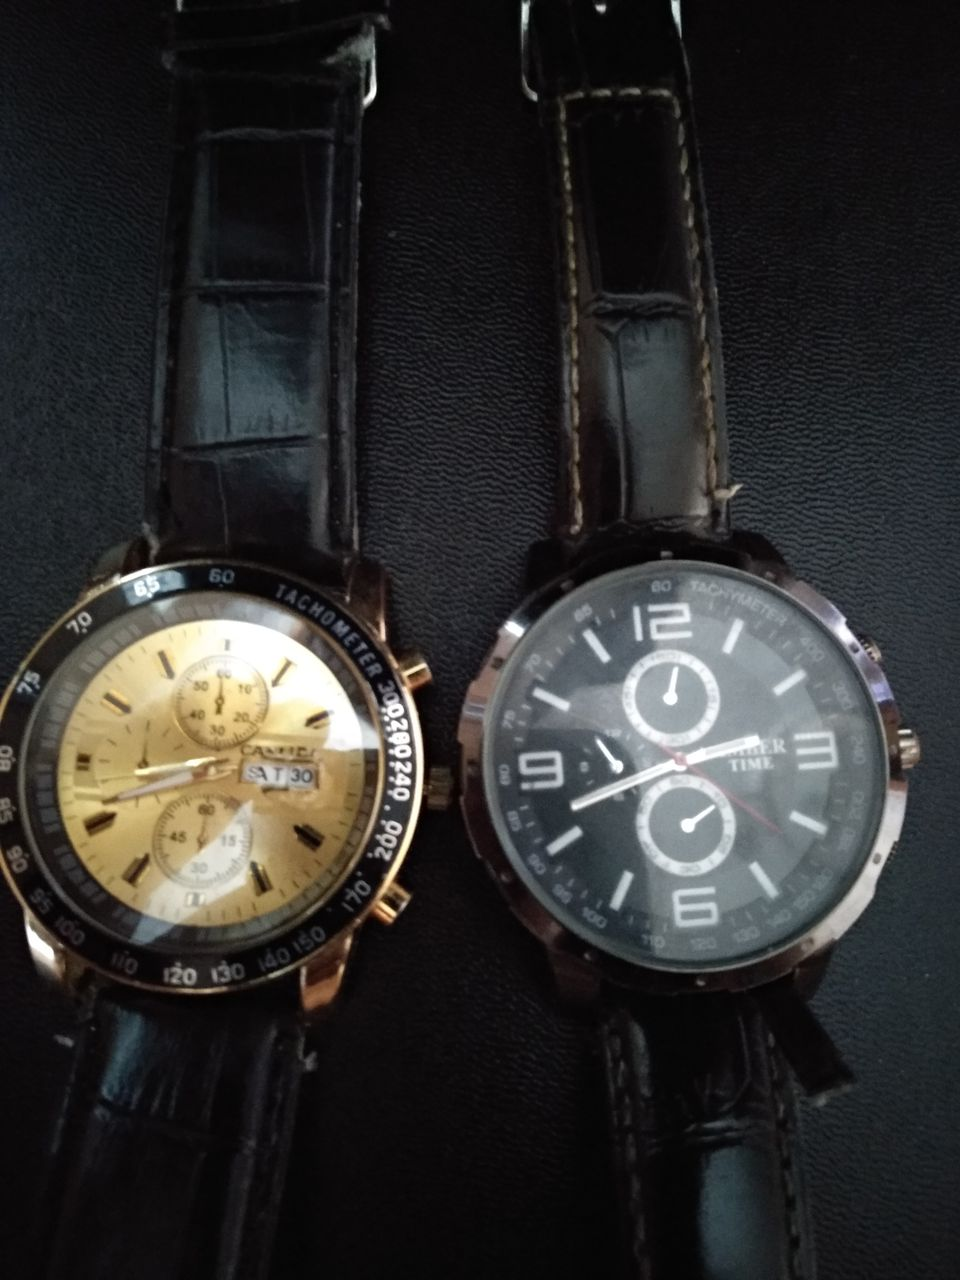 Бу продать часы наручные элитные швейцарские часы продать